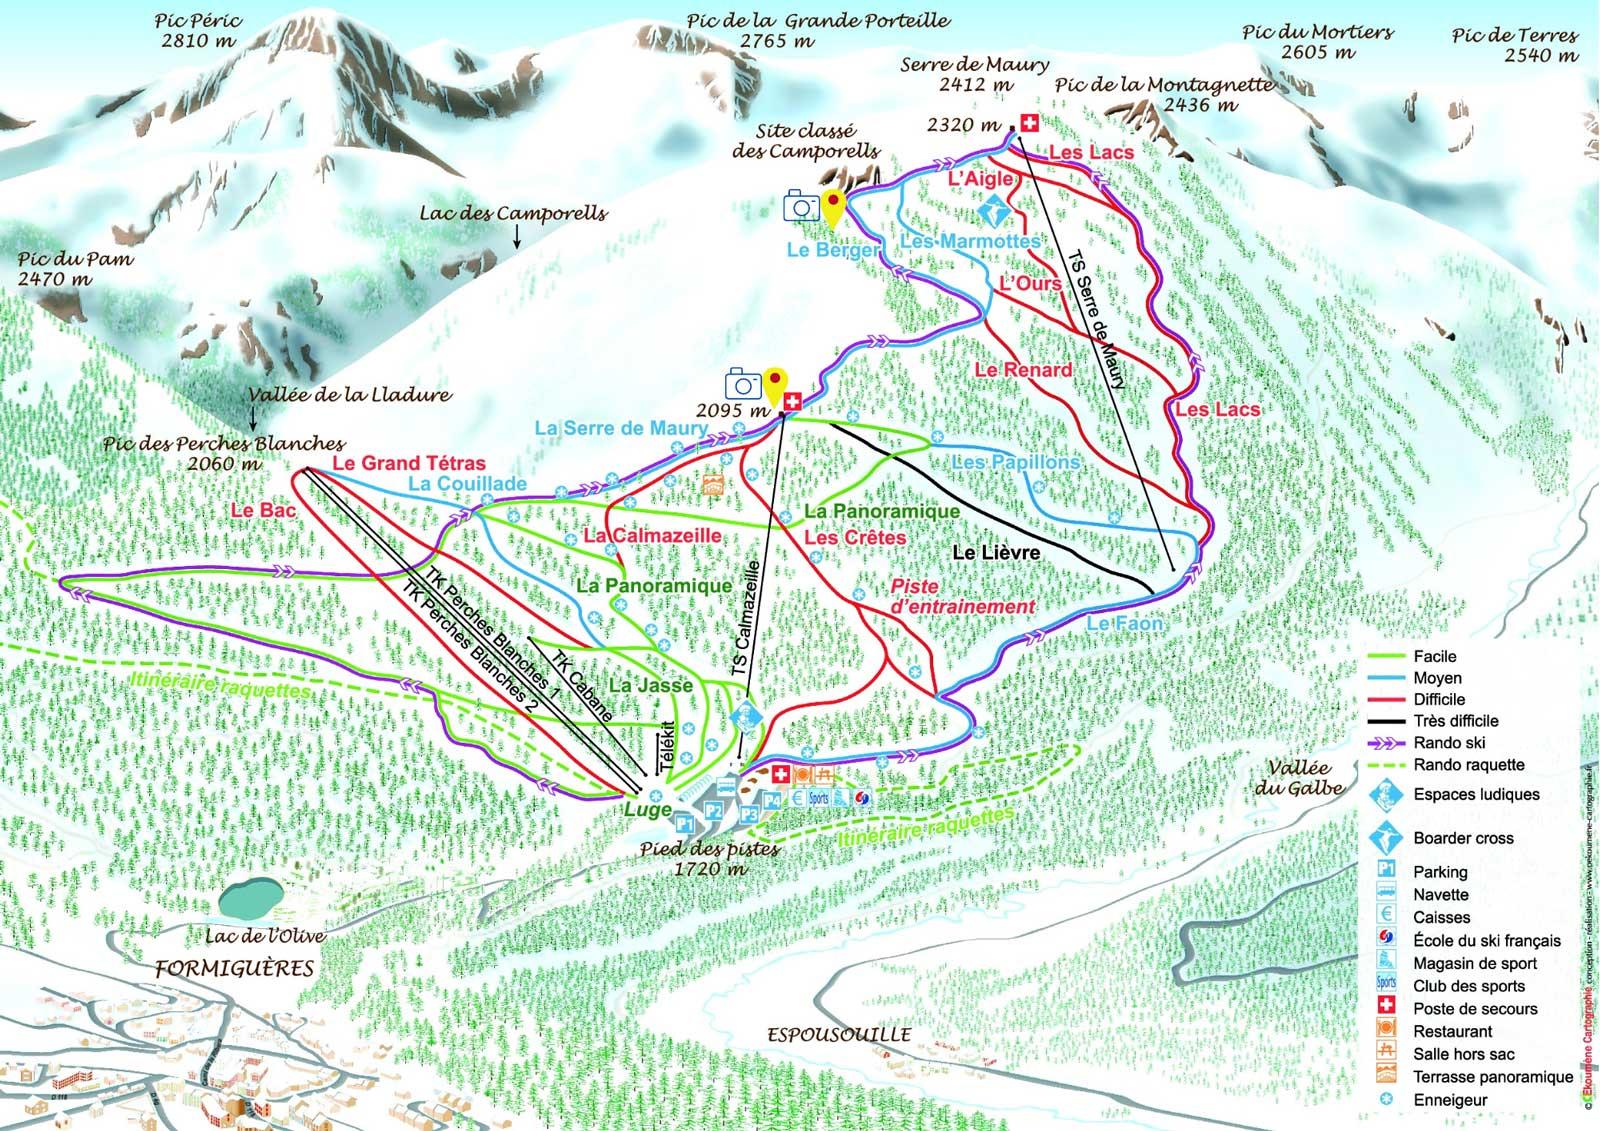 Plan des pistes, Station de Formigueres